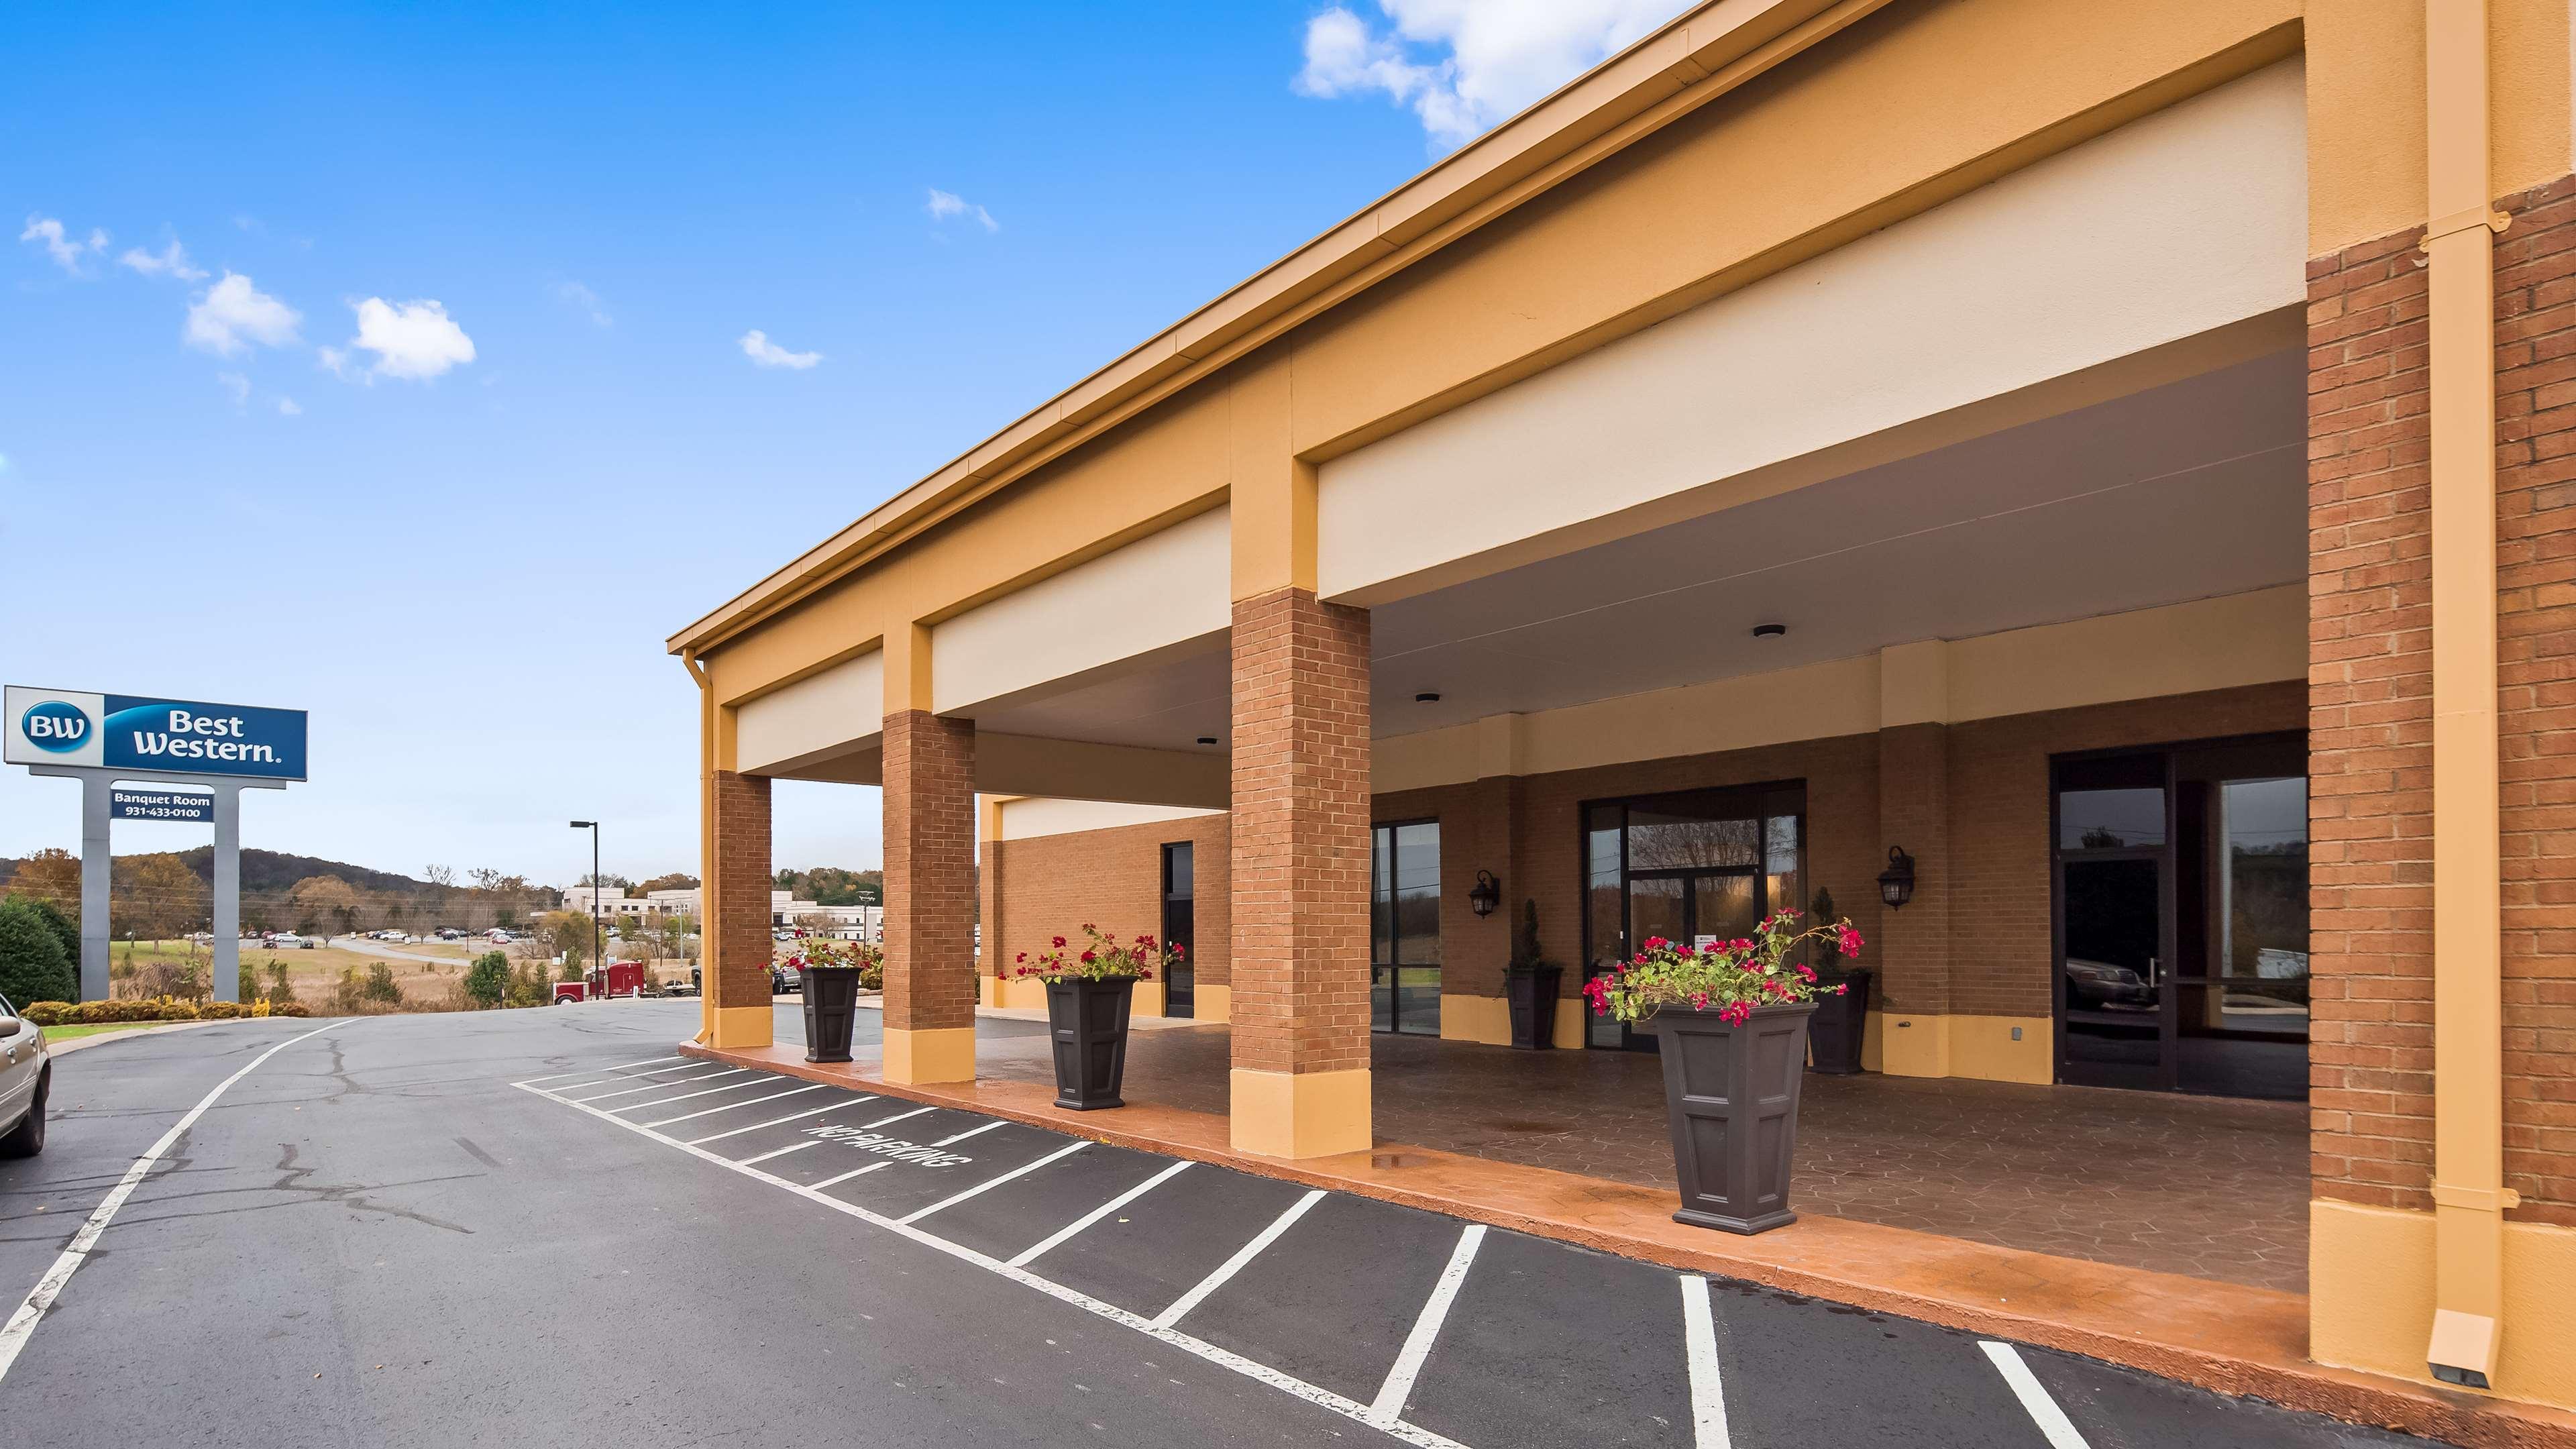 Best Western Fayetteville Inn image 1